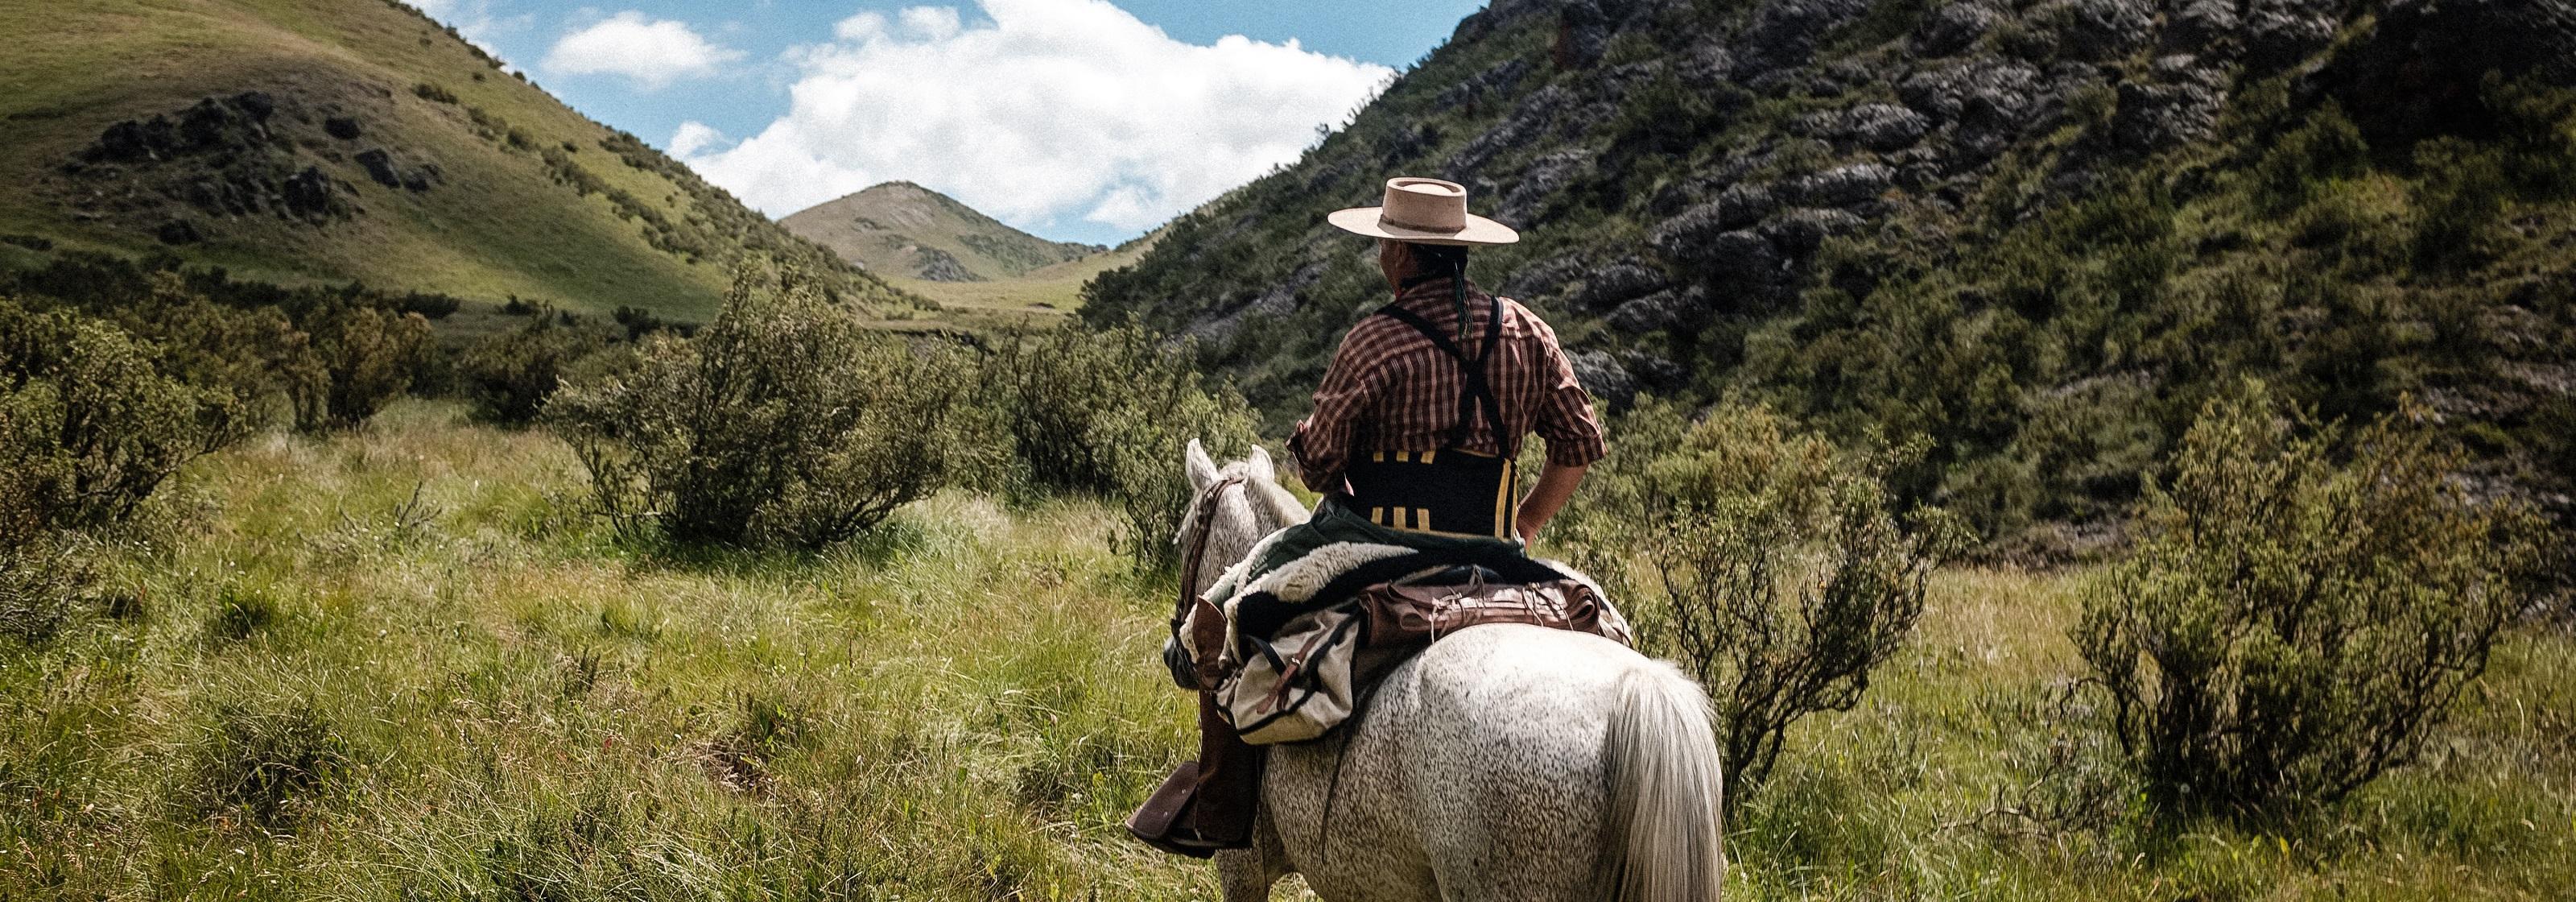 Choses à faire à Mendoza